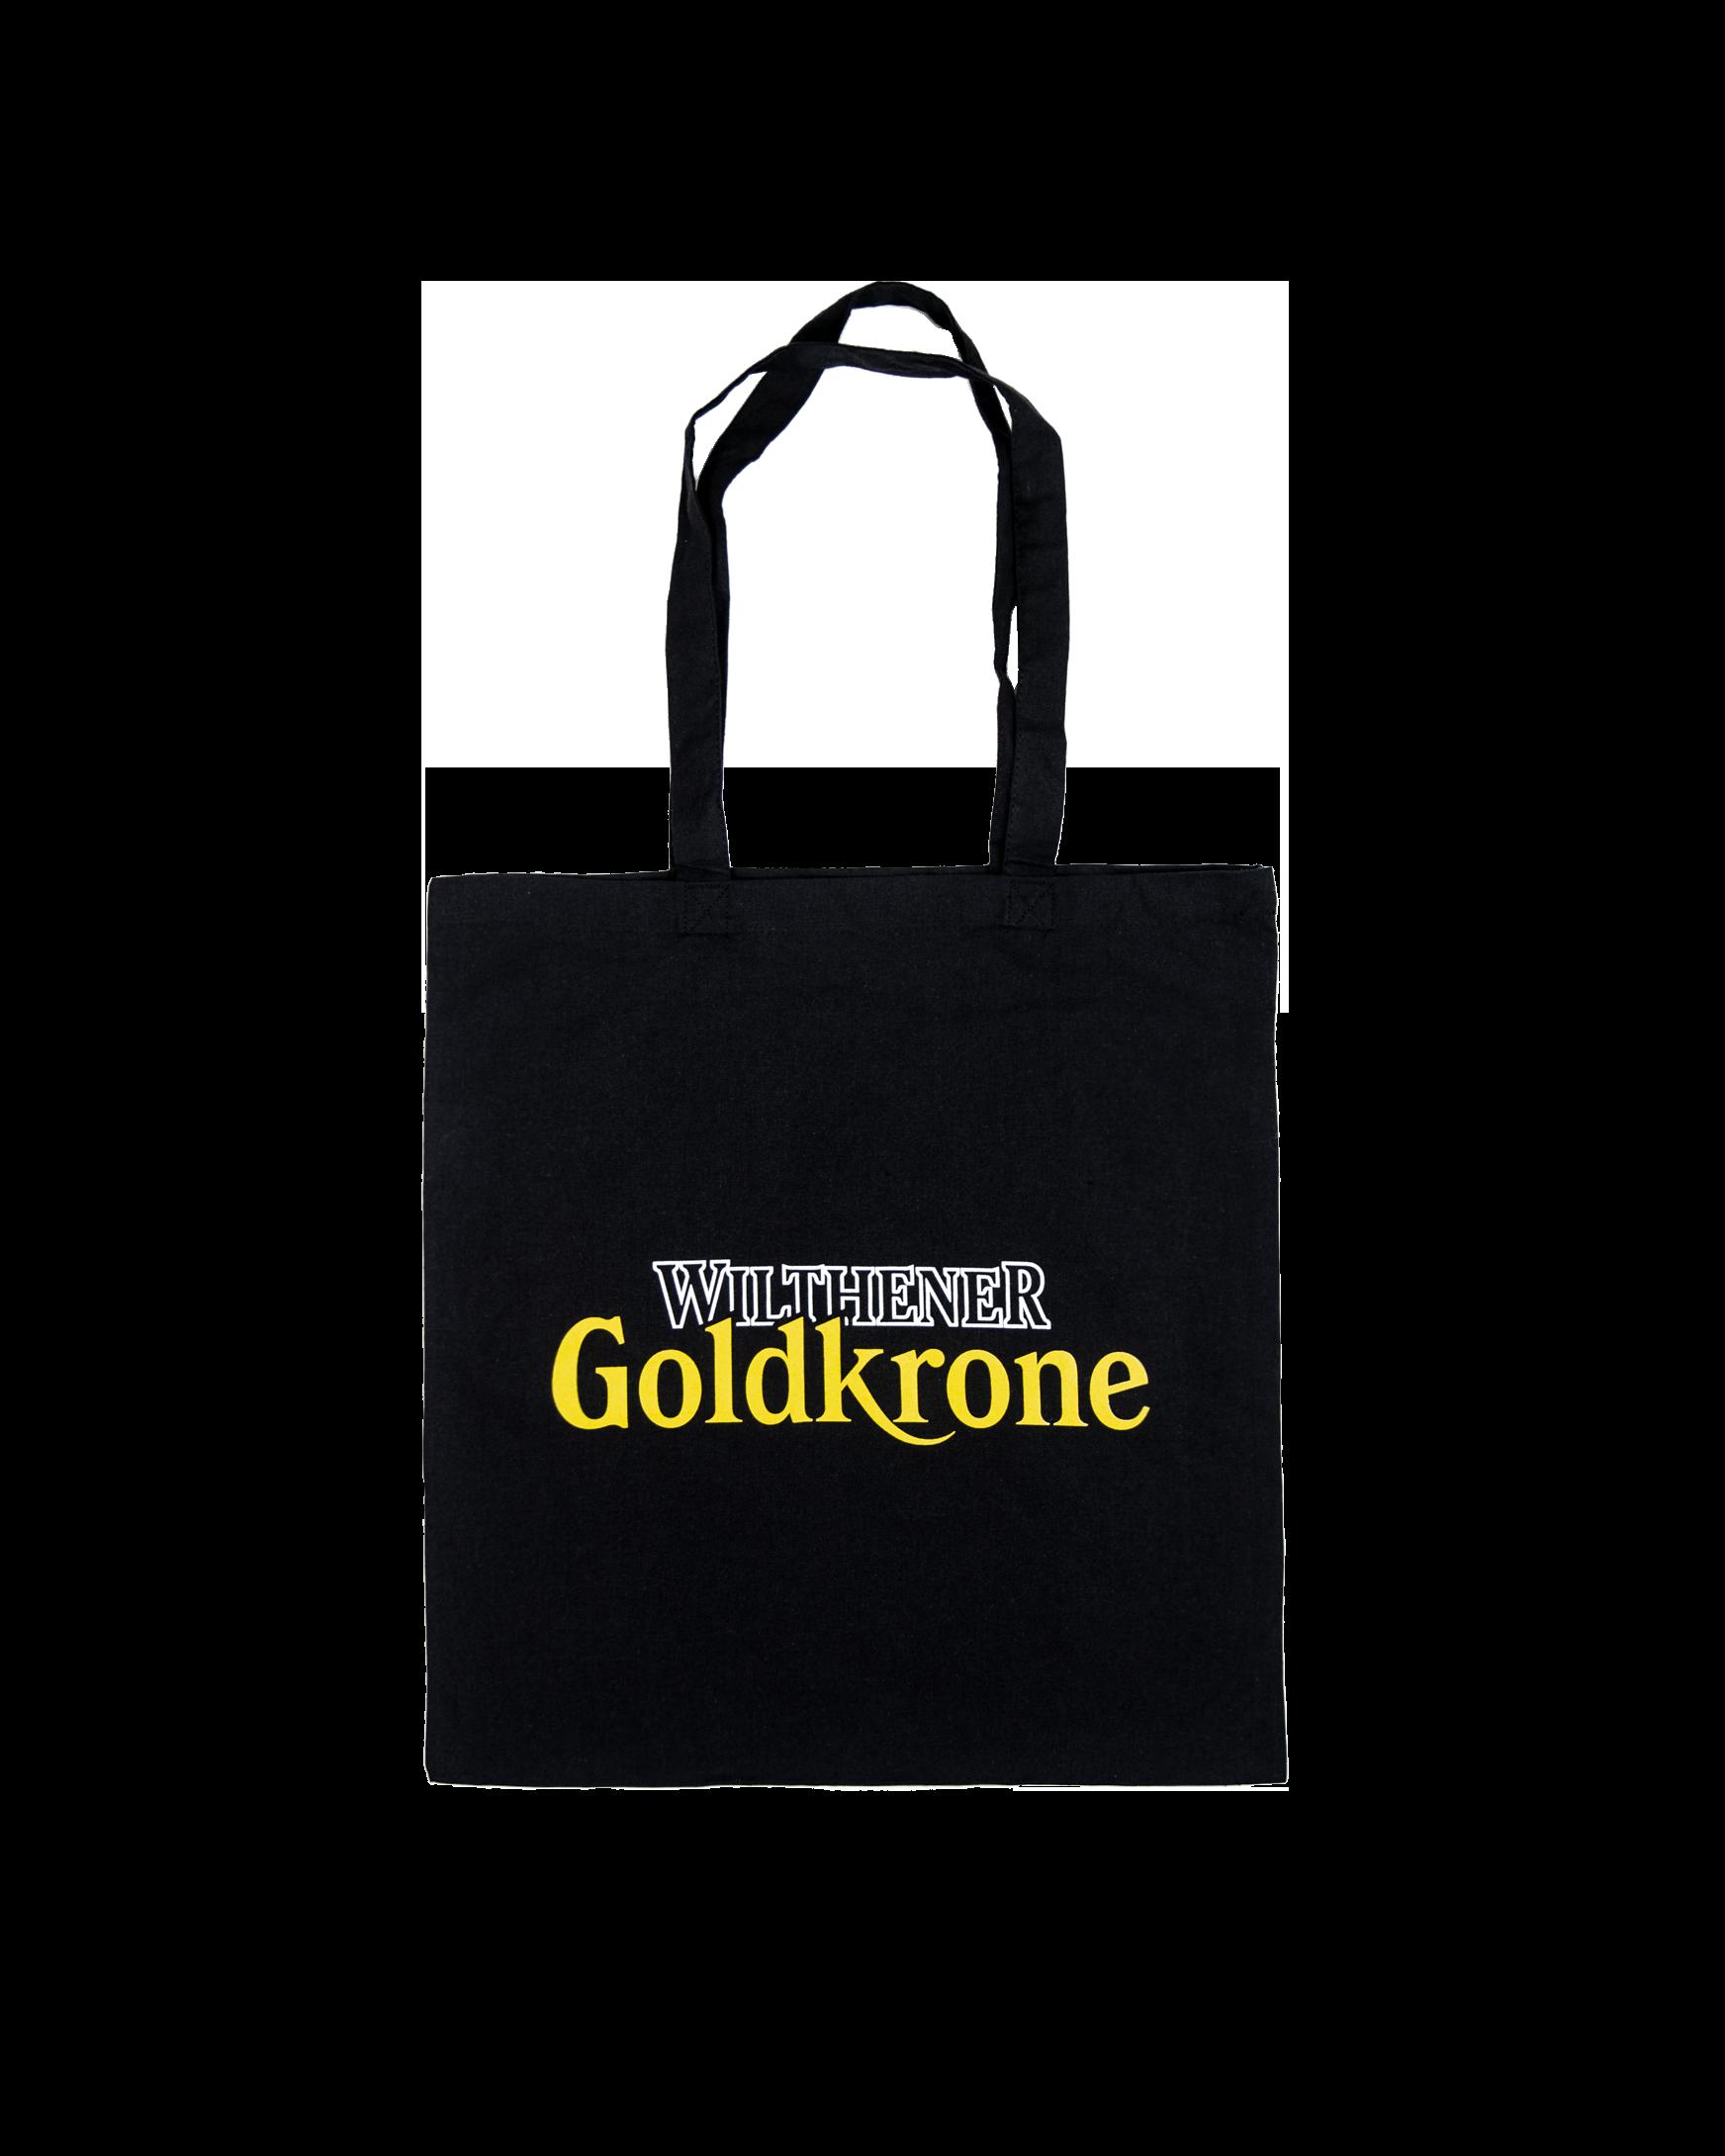 Wilthener Goldkrone Baumwollbeutel schwarz